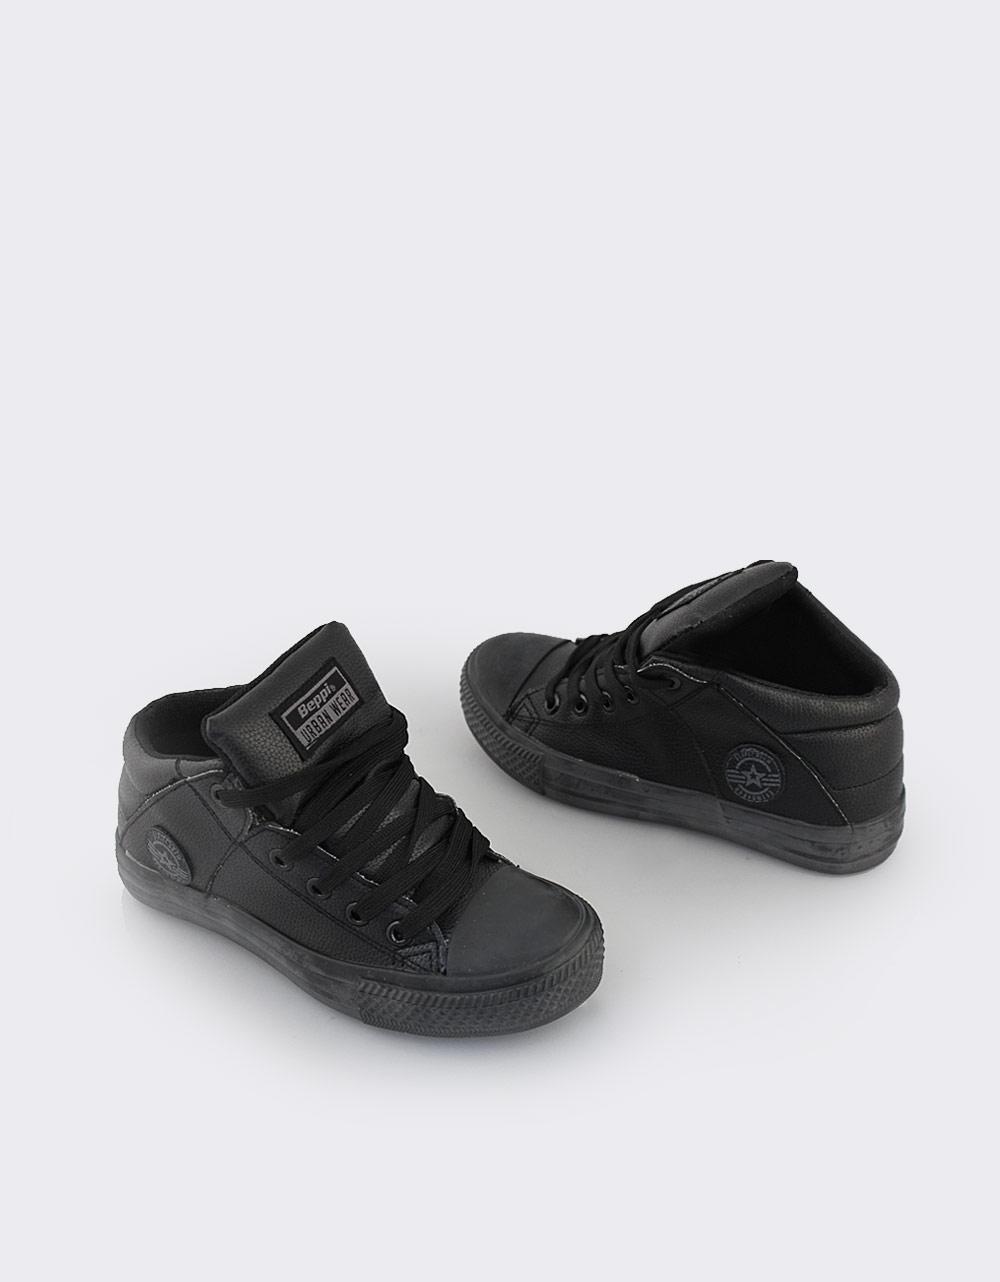 Εικόνα από Παιδικά sneakers μονόχρωμα με πλαϊνό τύπωμα Μαύρο